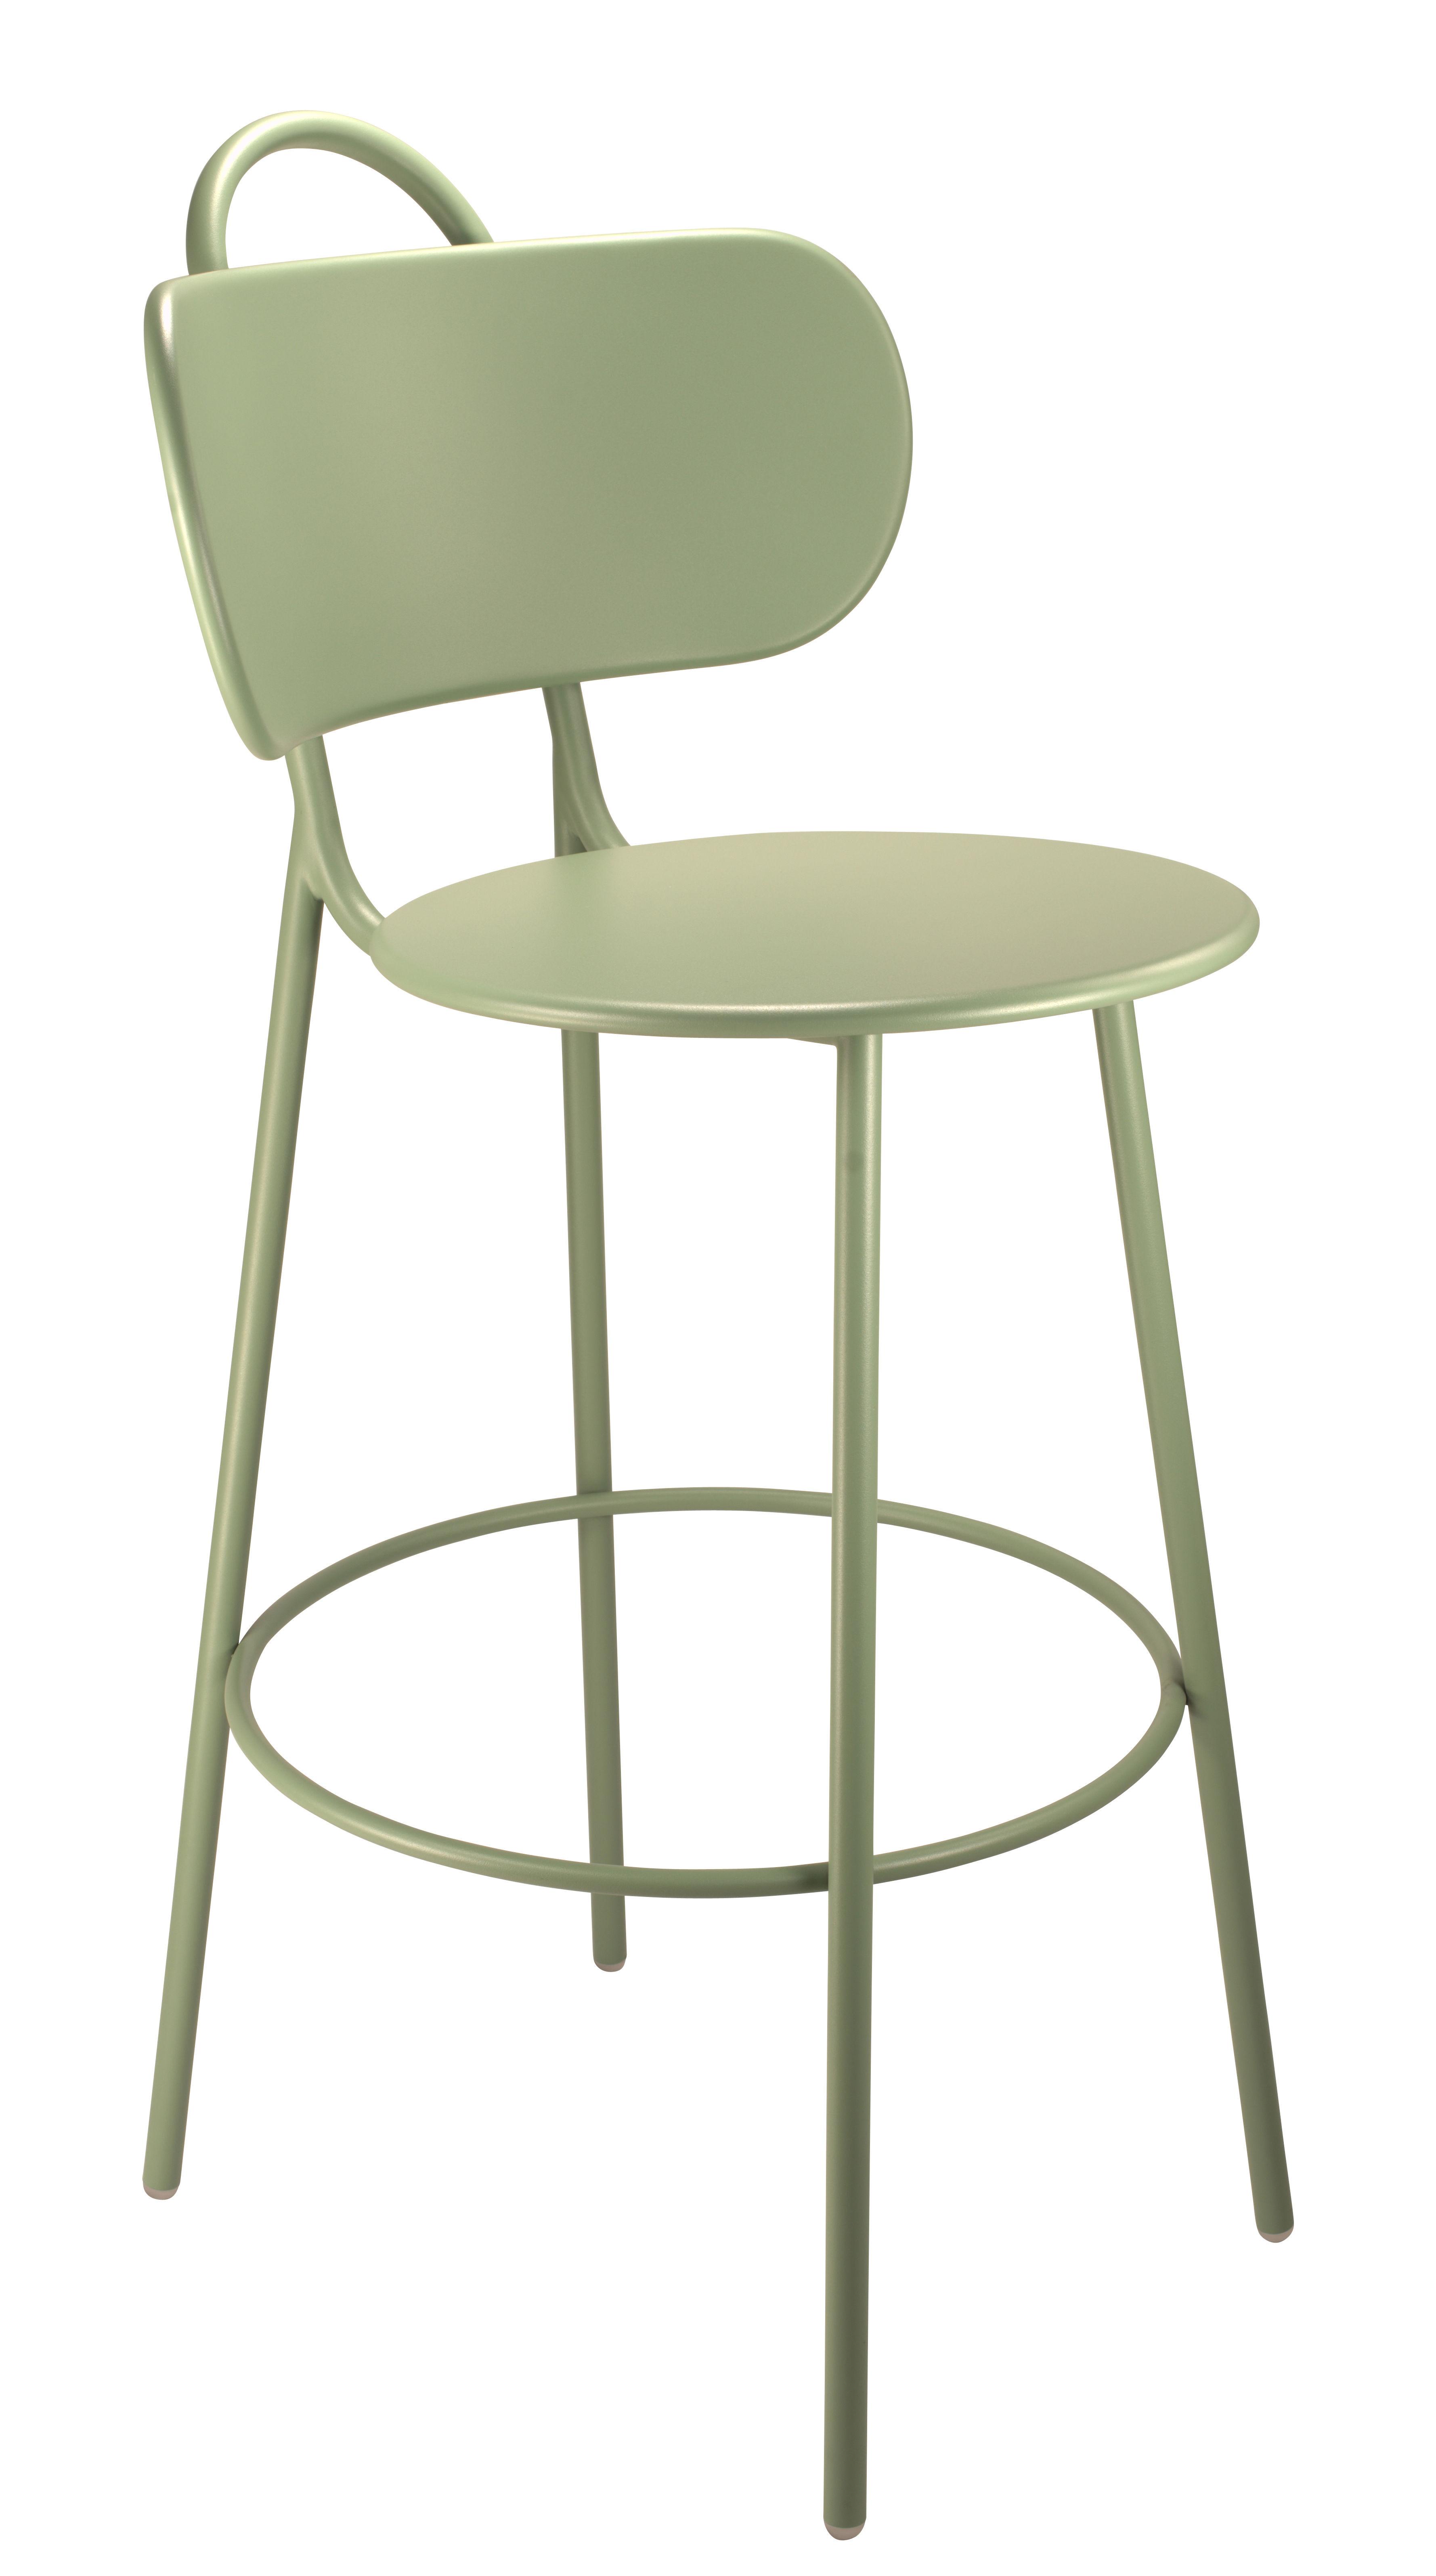 Arredamento - Sgabelli da bar  - Sedia da bar Swim - / Per l'interno & l'esterno - H 74 cm di Bibelo - Verde chiaro - Acciaio laccato epossidico